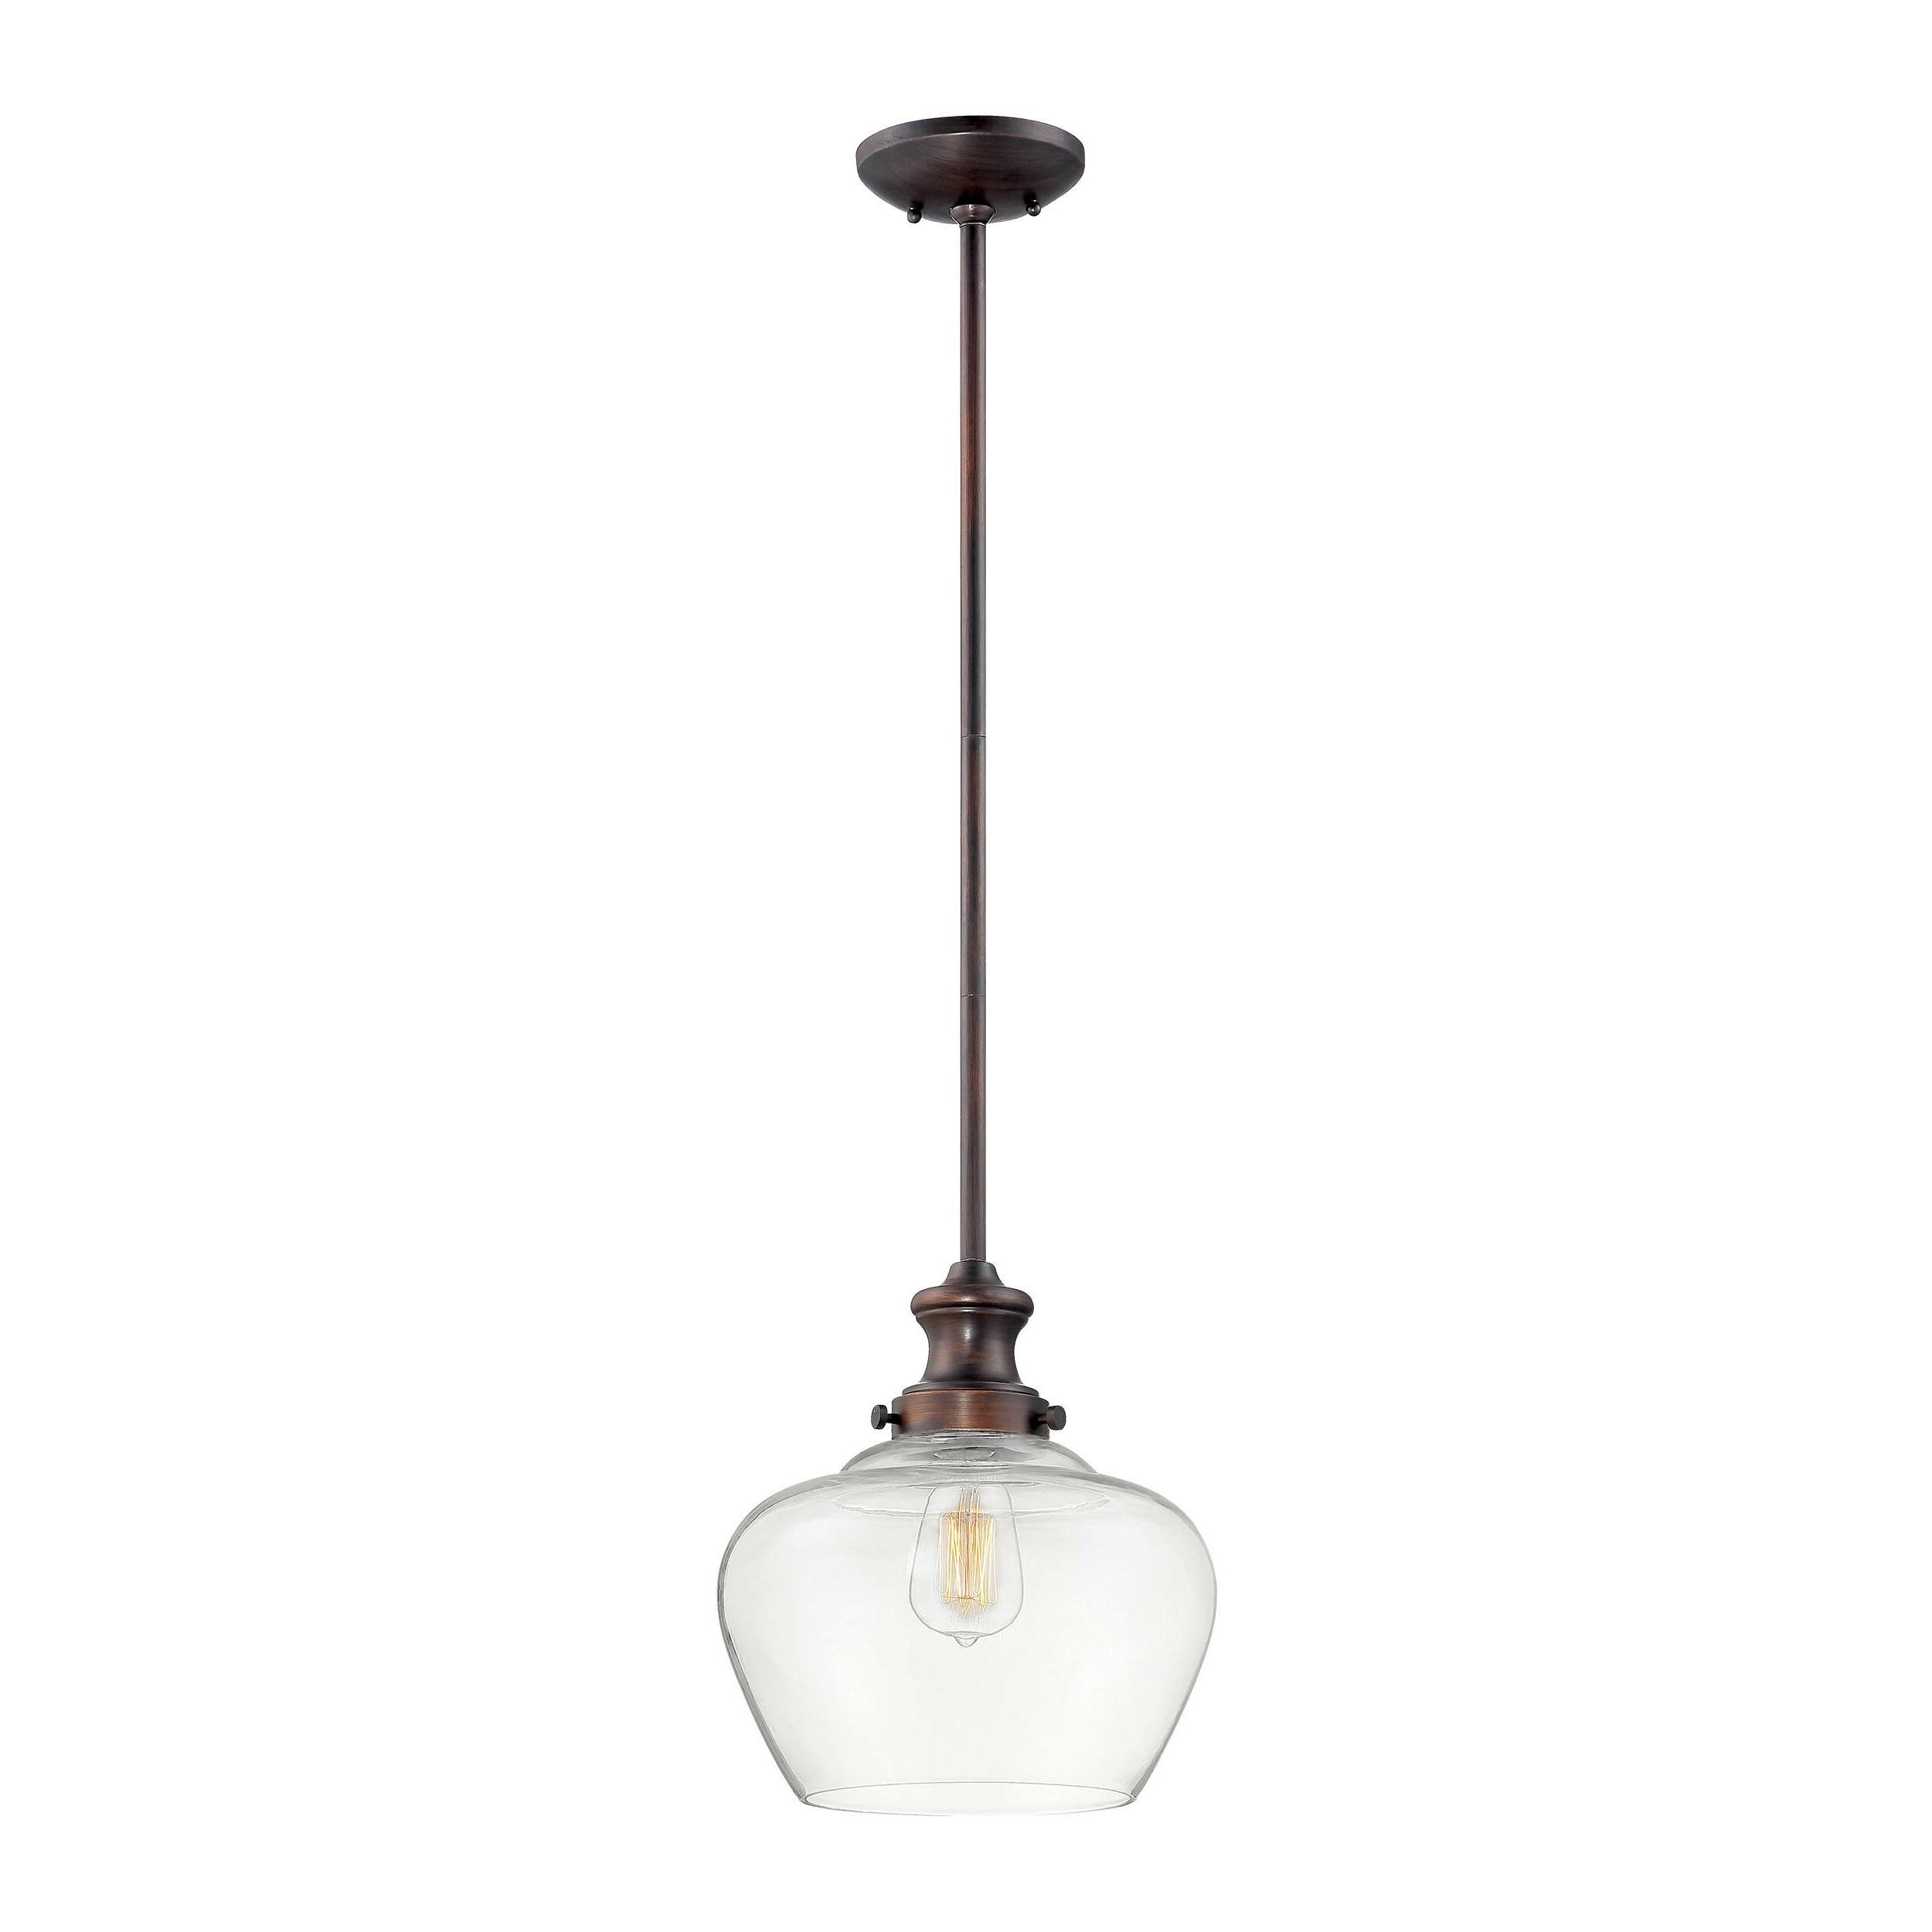 Trendy Witten 1 Light Single Bell Pendant Throughout Akakios 1 Light Single Bell Pendants (View 16 of 20)